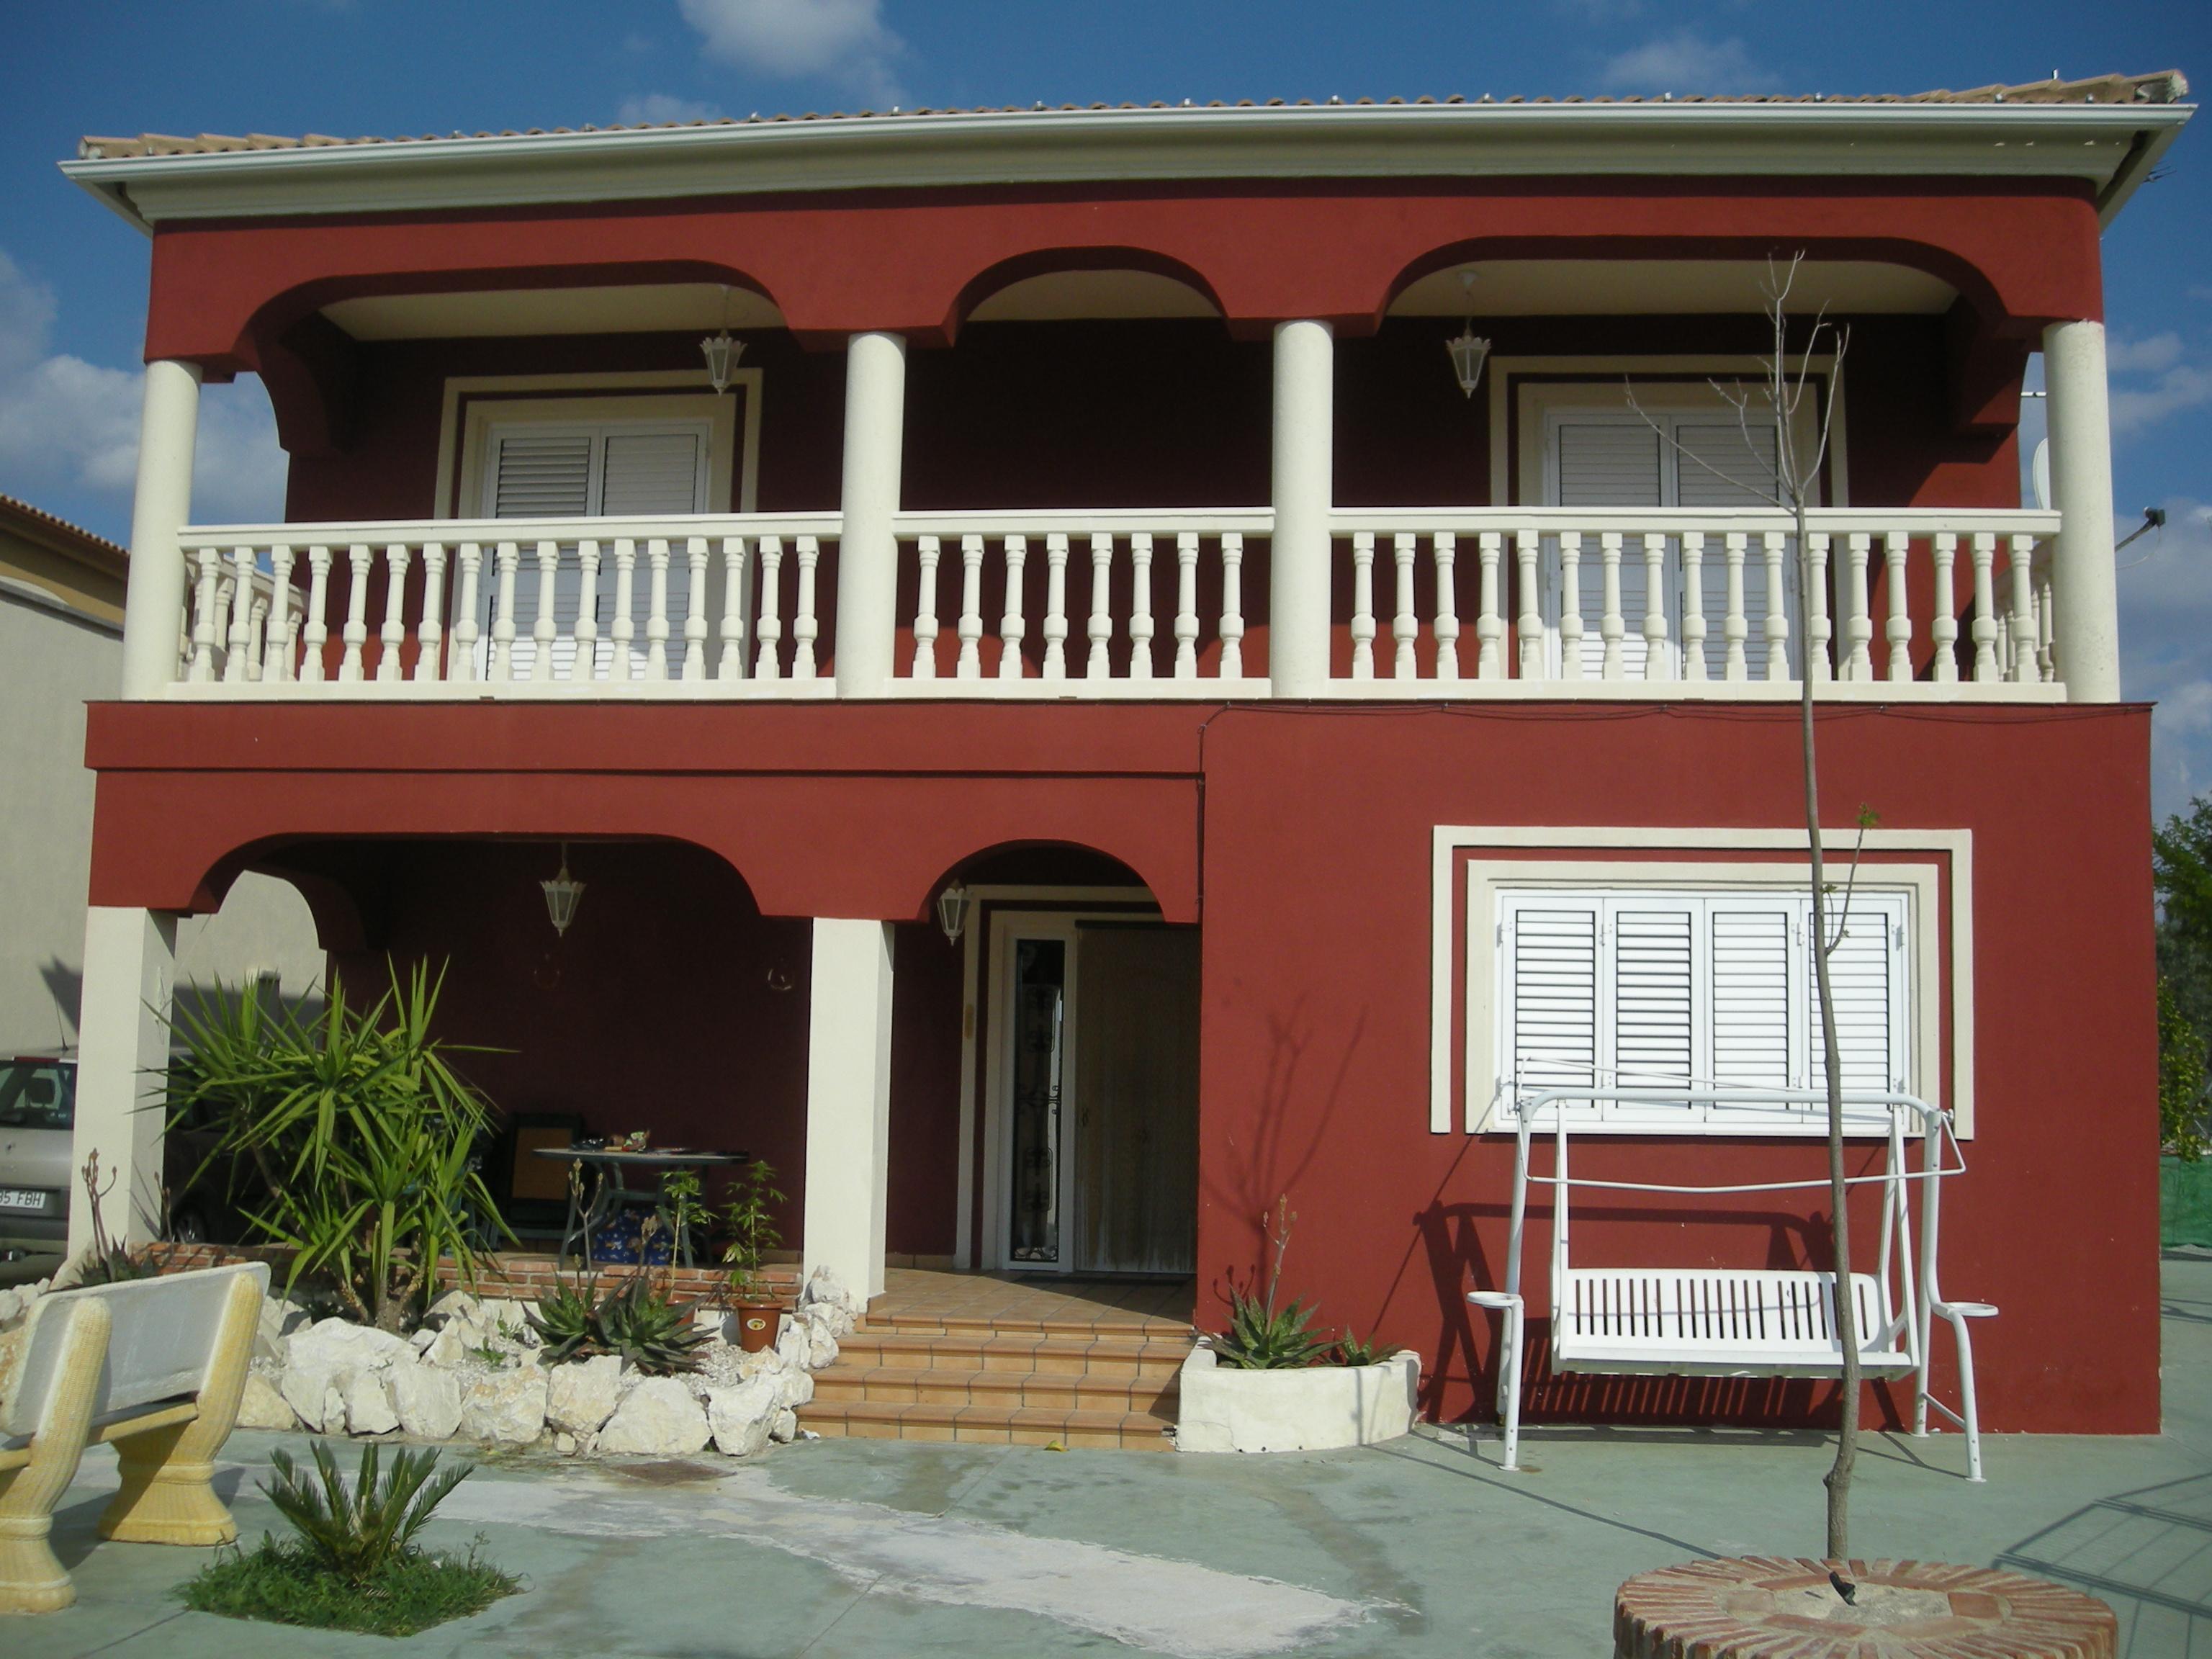 Fotos de fachadas de casas modernas de dos pisos for Fachadas casas de dos pisos pequenas